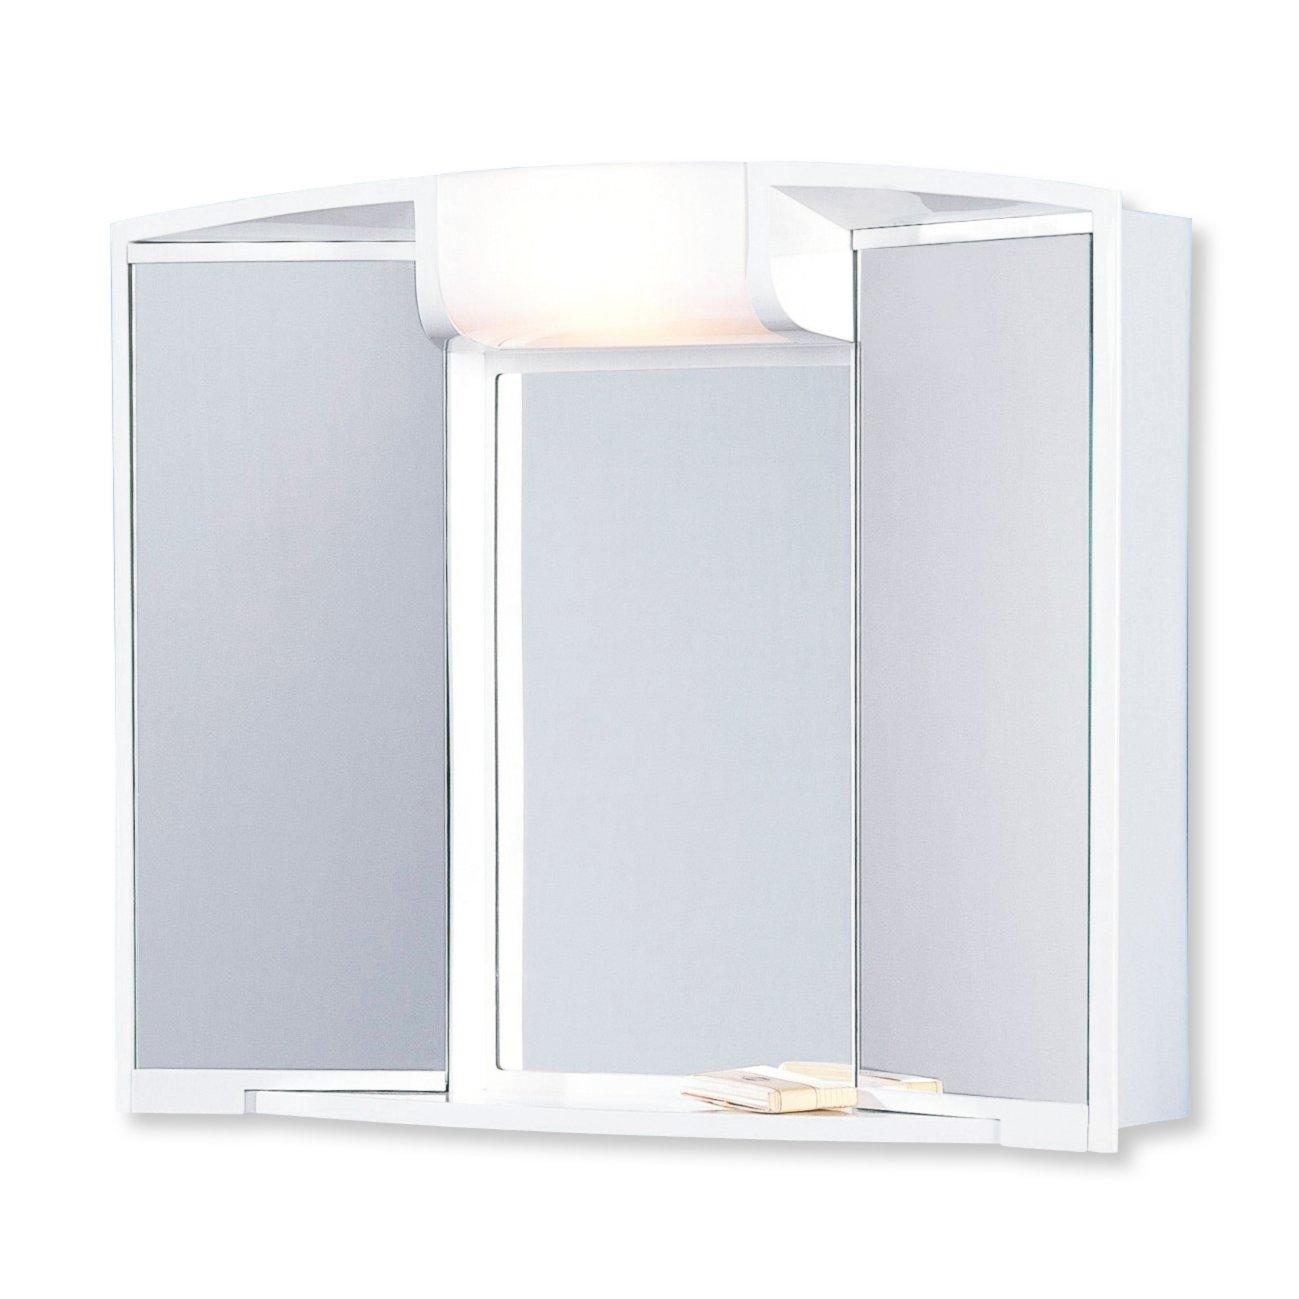 Roller spiegelschrank angy ebay - Spiegelschrank 3 turen ...